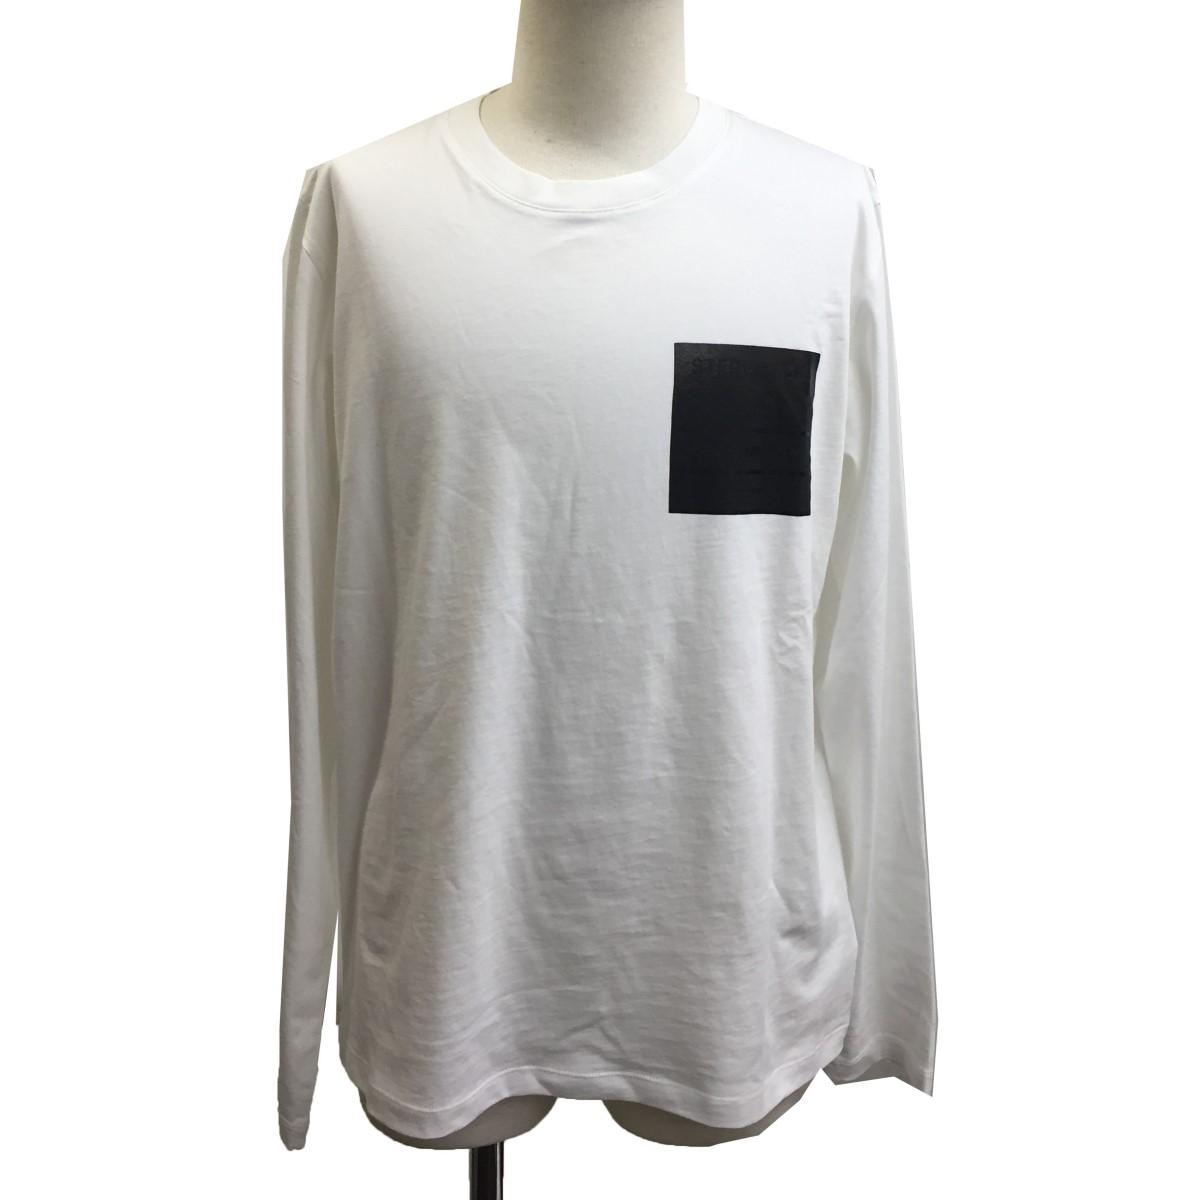 アウトレットセール 特集 マルタンマルジェラ14 お中元 中古 Martin Margiela14 ホワイト サイズ:46 20AWステレオタイプ長袖Tシャツ 281120